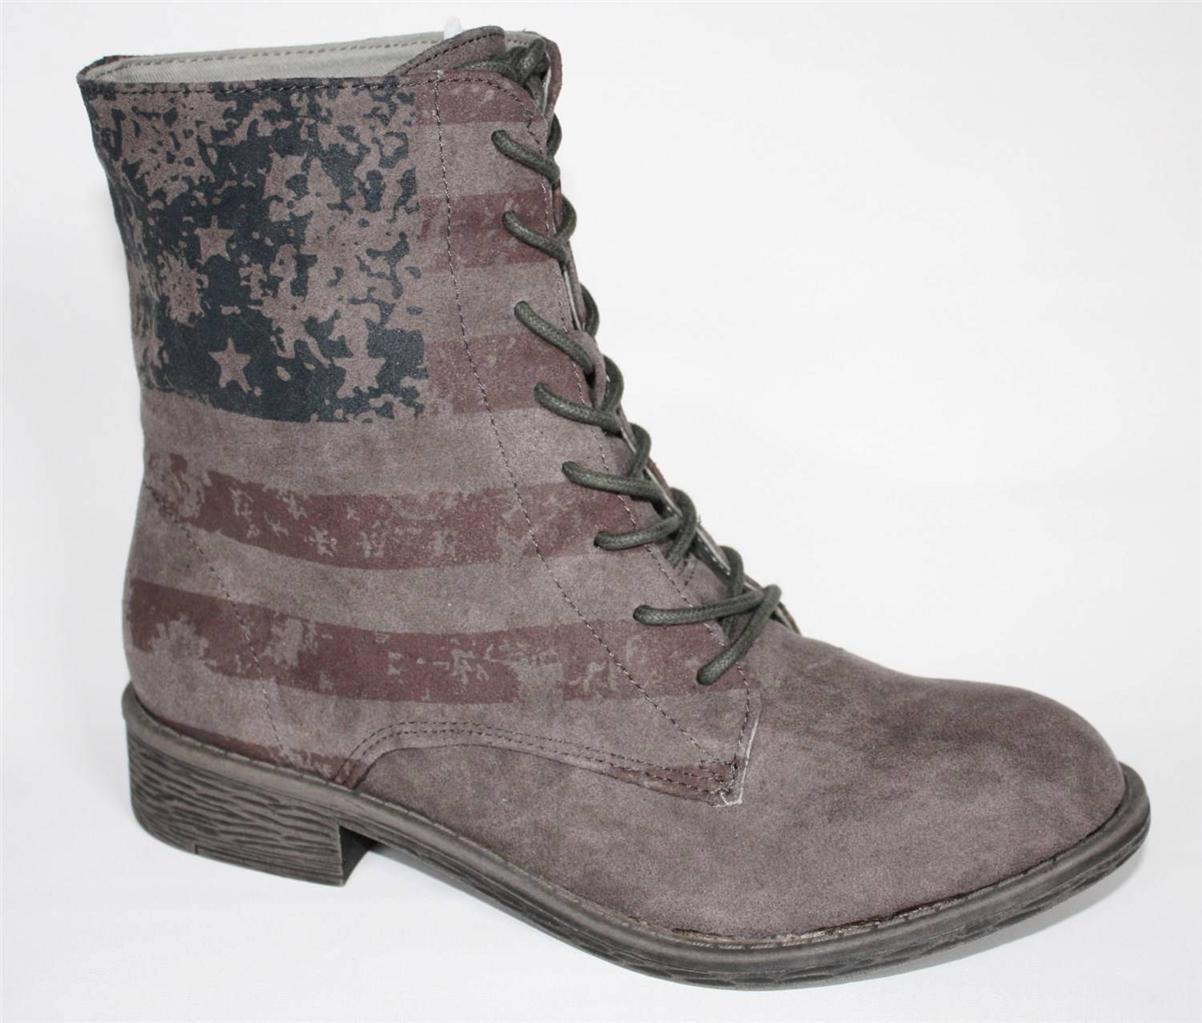 Zapatos Para Mujer Rock & Candy por Zigi Shia Shia Shia bota de combate con Cordones Gryse American Pride  grandes ahorros